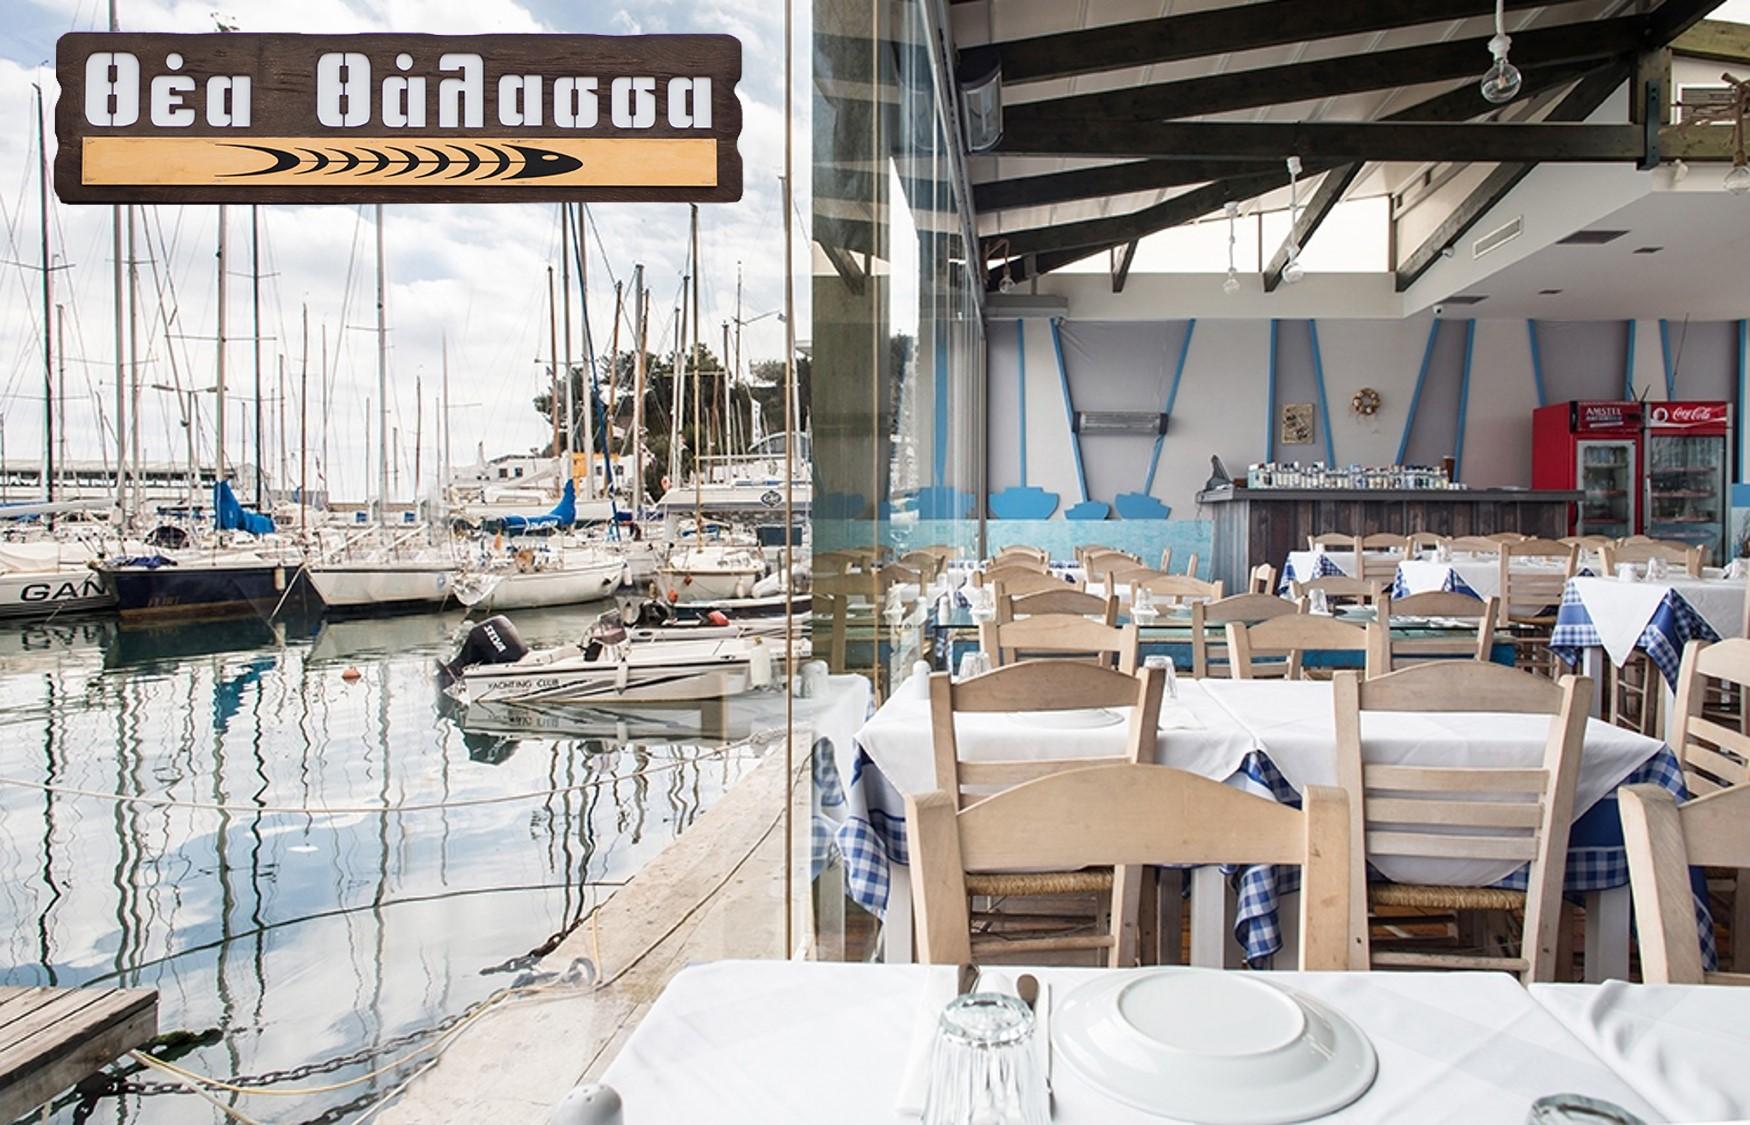 19,9€ από 55€ για πλήρες menu 2 ατόμων στο ''Θέα Θάλασσα'', την πασίγνωστη ψαροταβέρνα του Μικρολίμανου, σε ένα σκηνικό που θυμίζει νησί με μοναδική θέα προς το λιμανάκι και τα ιστιοπλοϊκά εικόνα